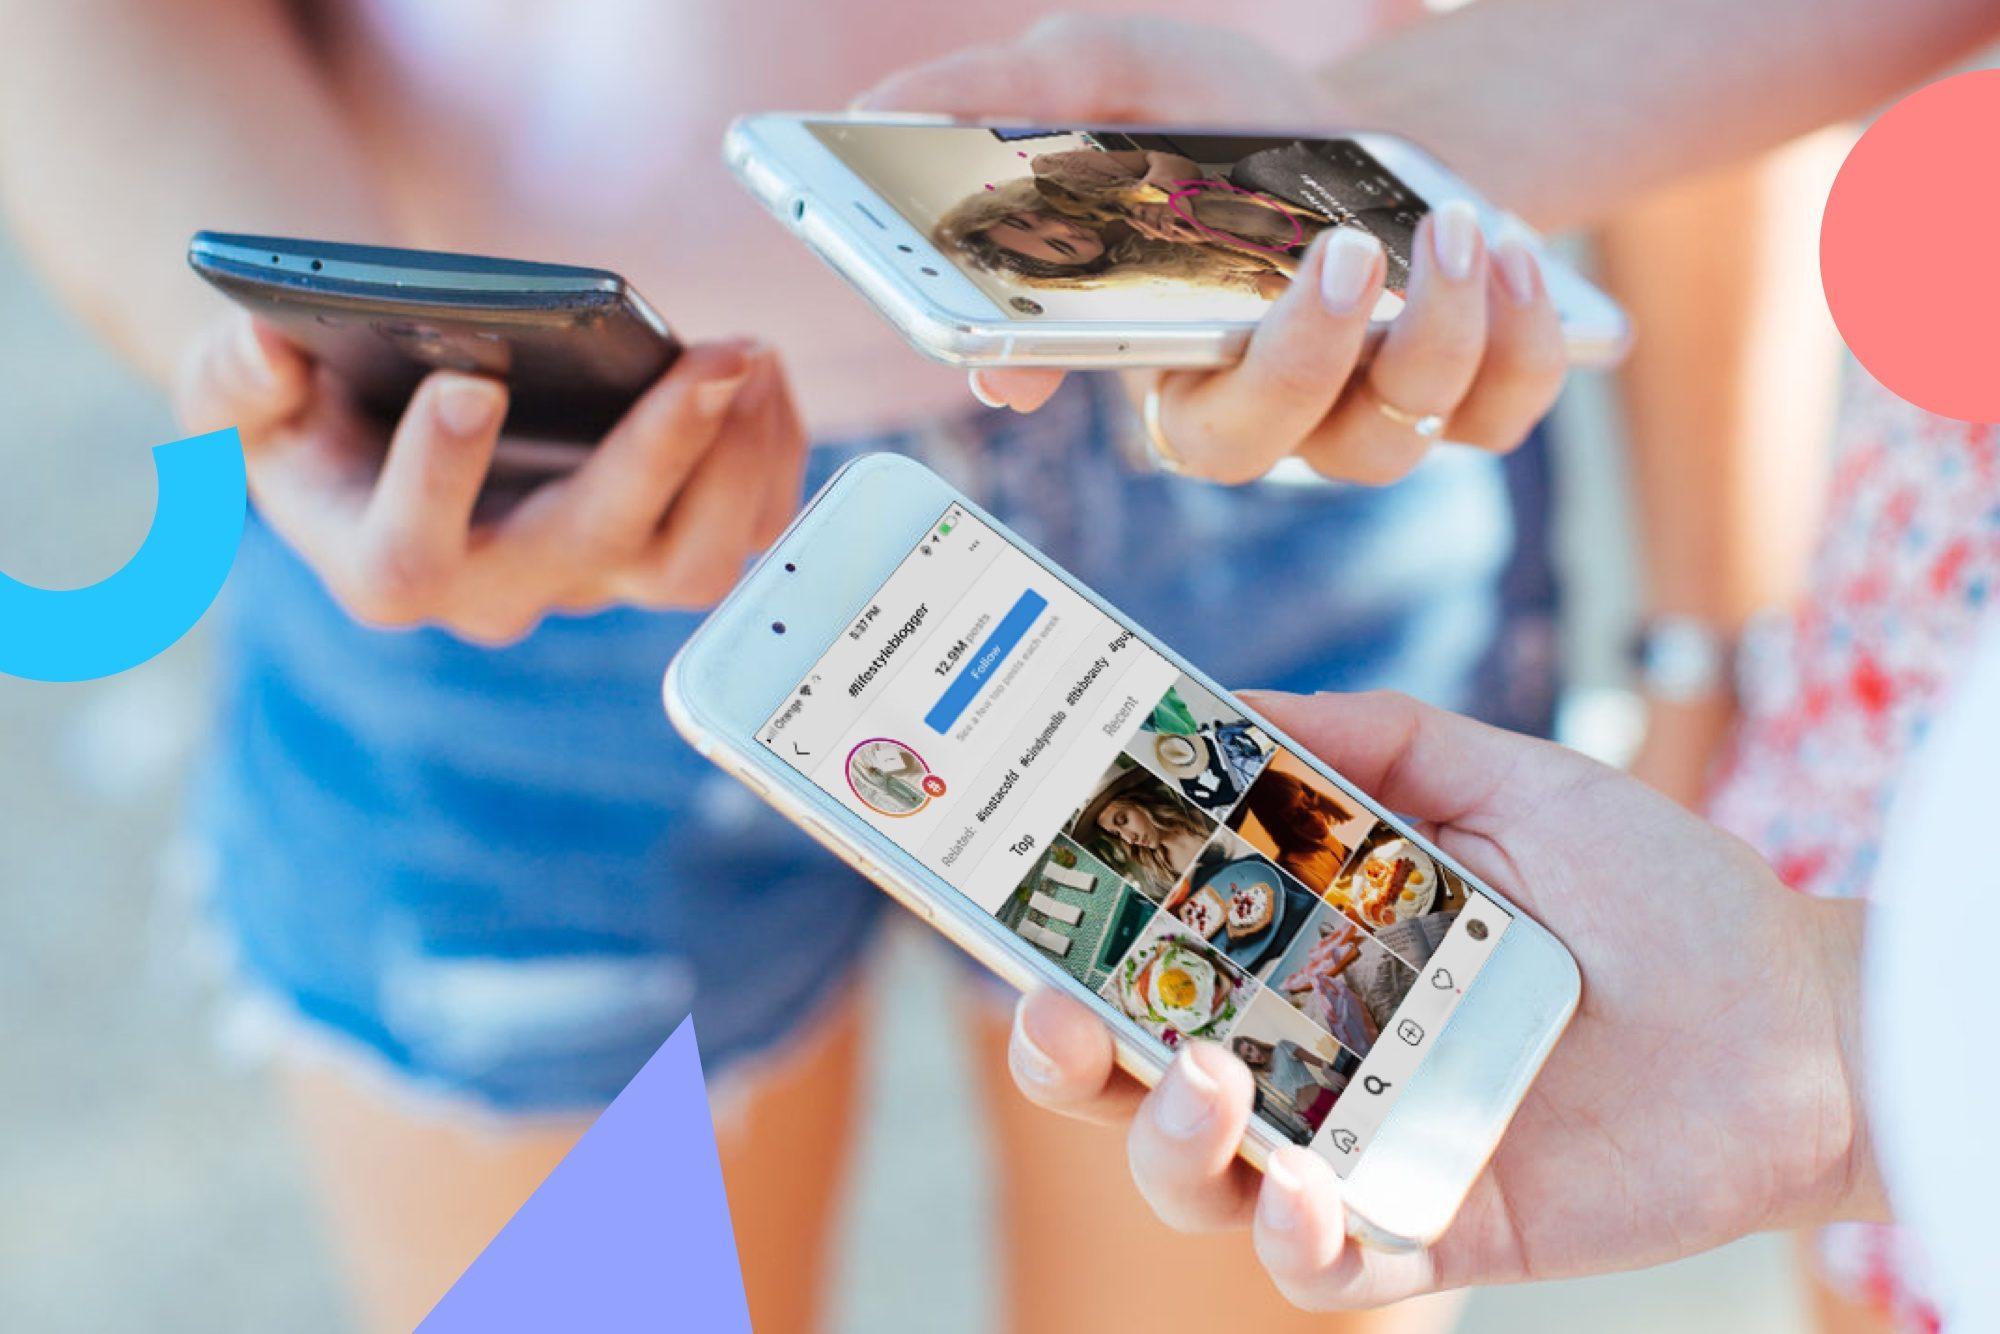 Как создать фейковый аккаунт в Инстаграм?